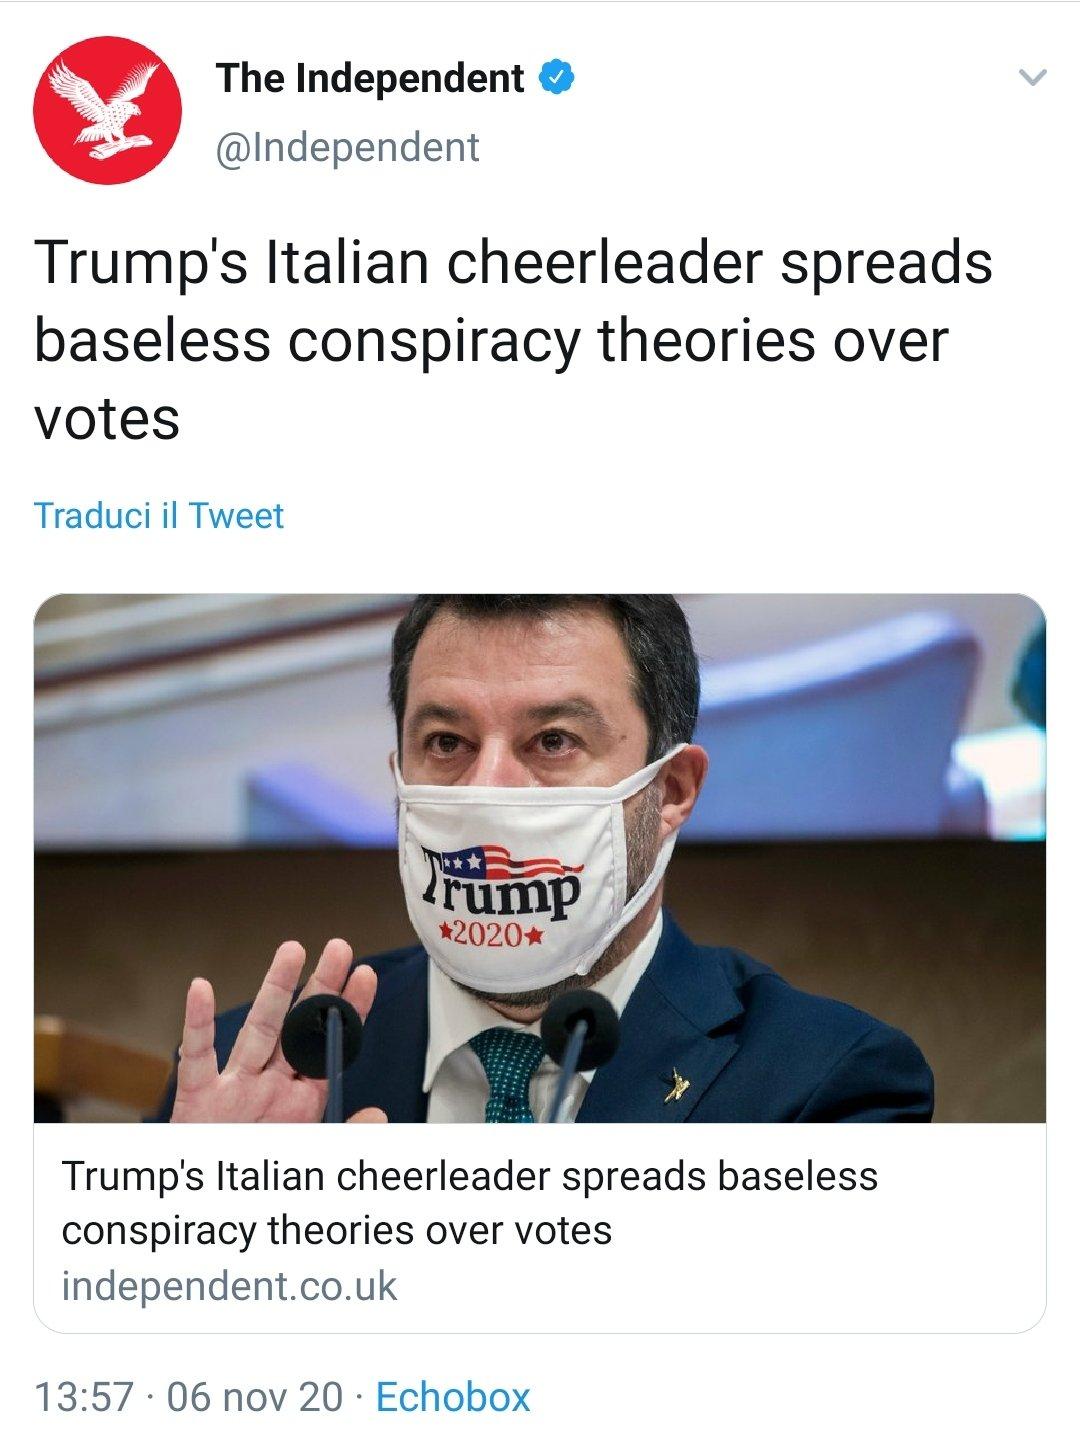 salvini trump's italian cheerleader